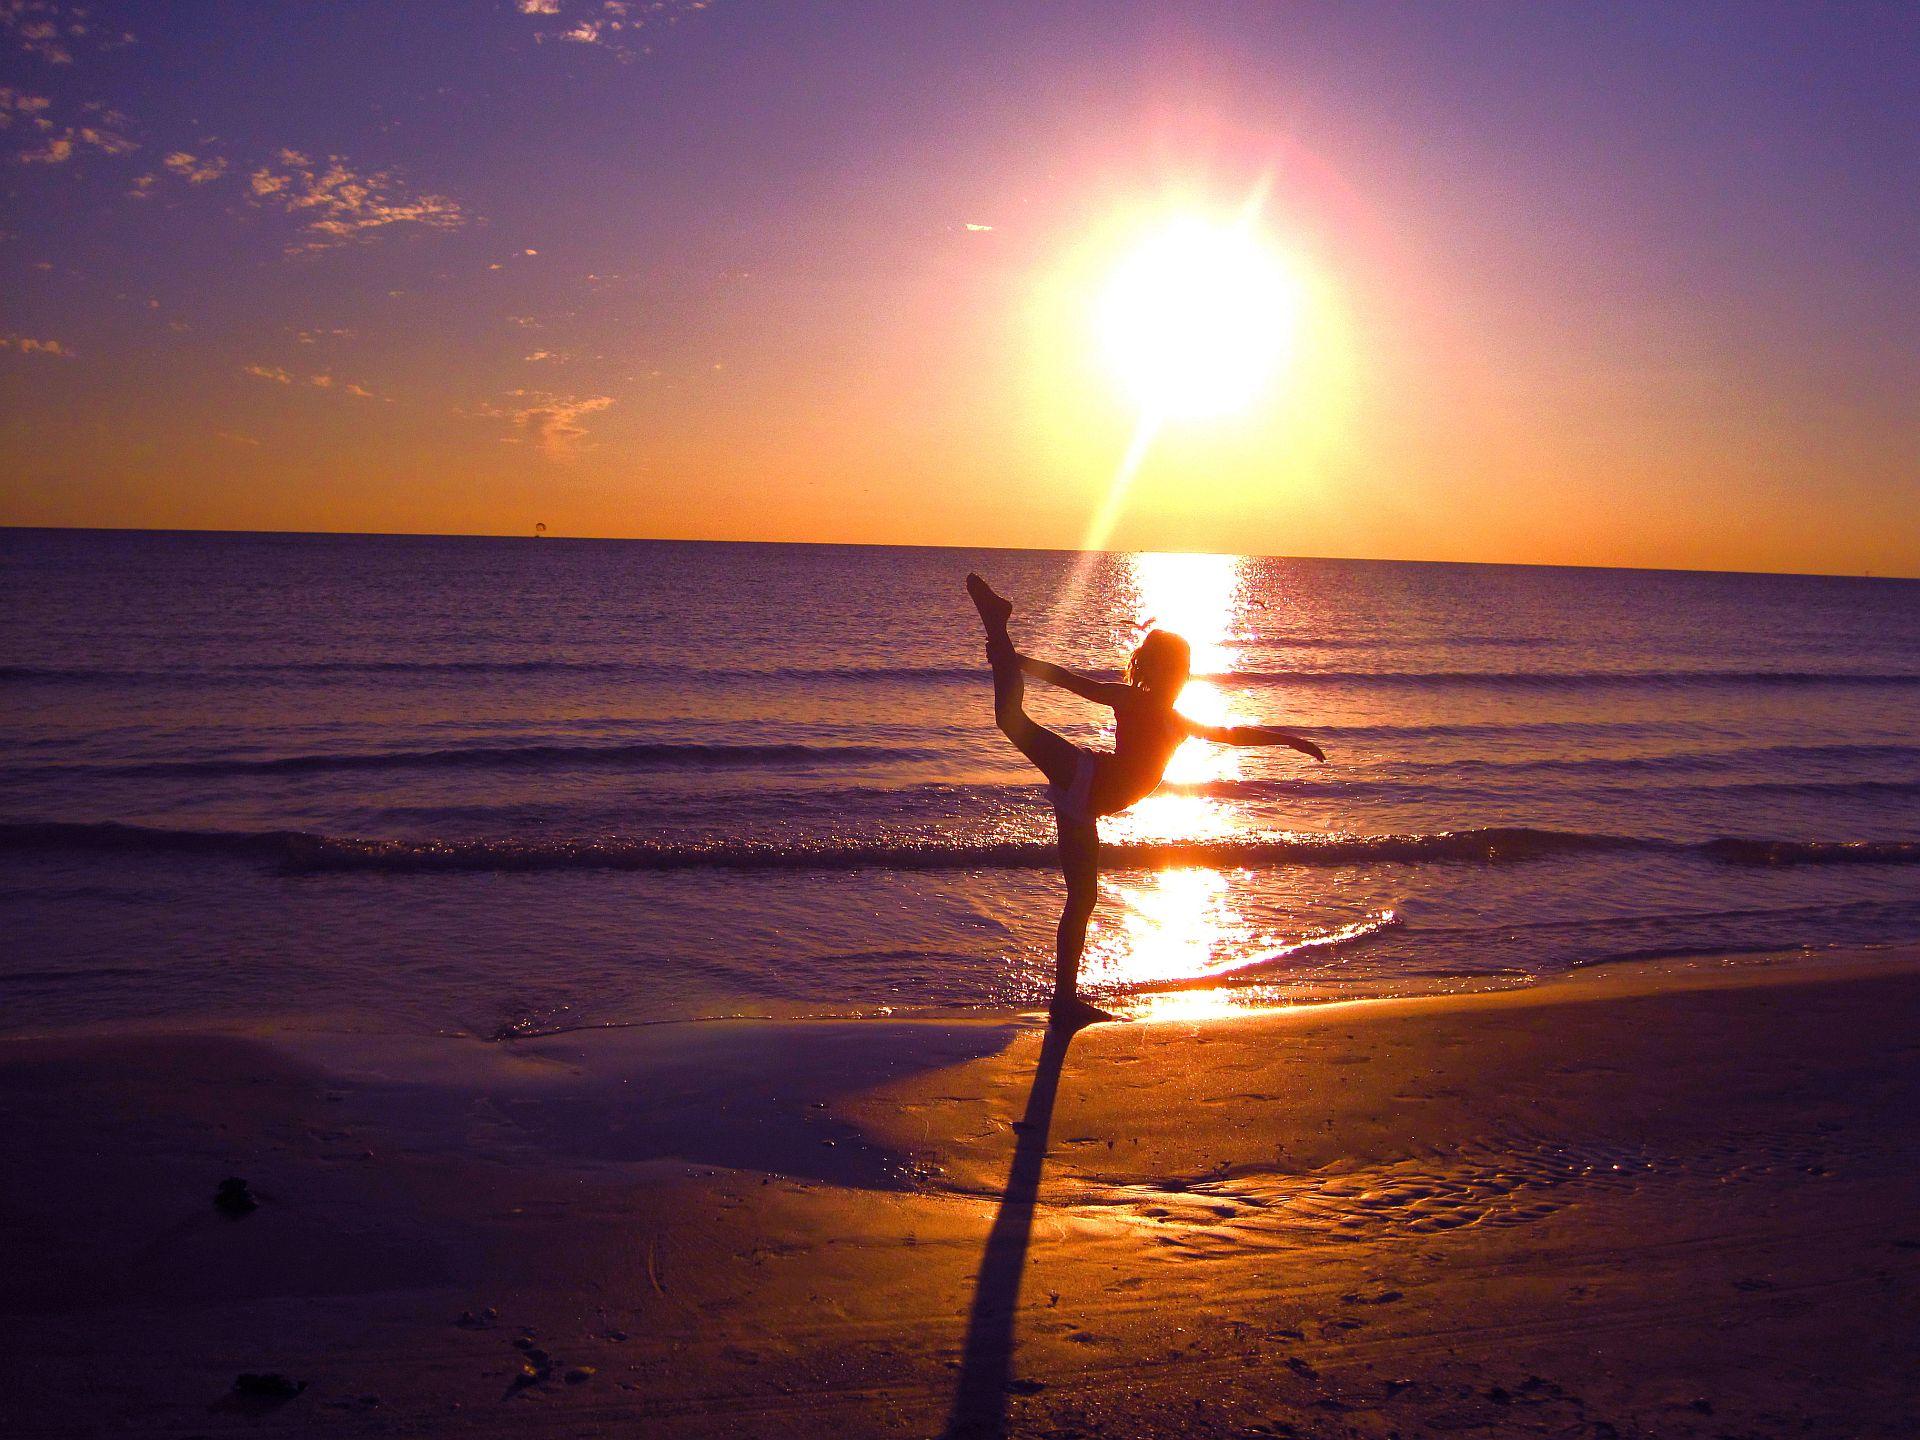 Beach Sunset Images wallpaper wallpaper hd background desktop 1920x1440